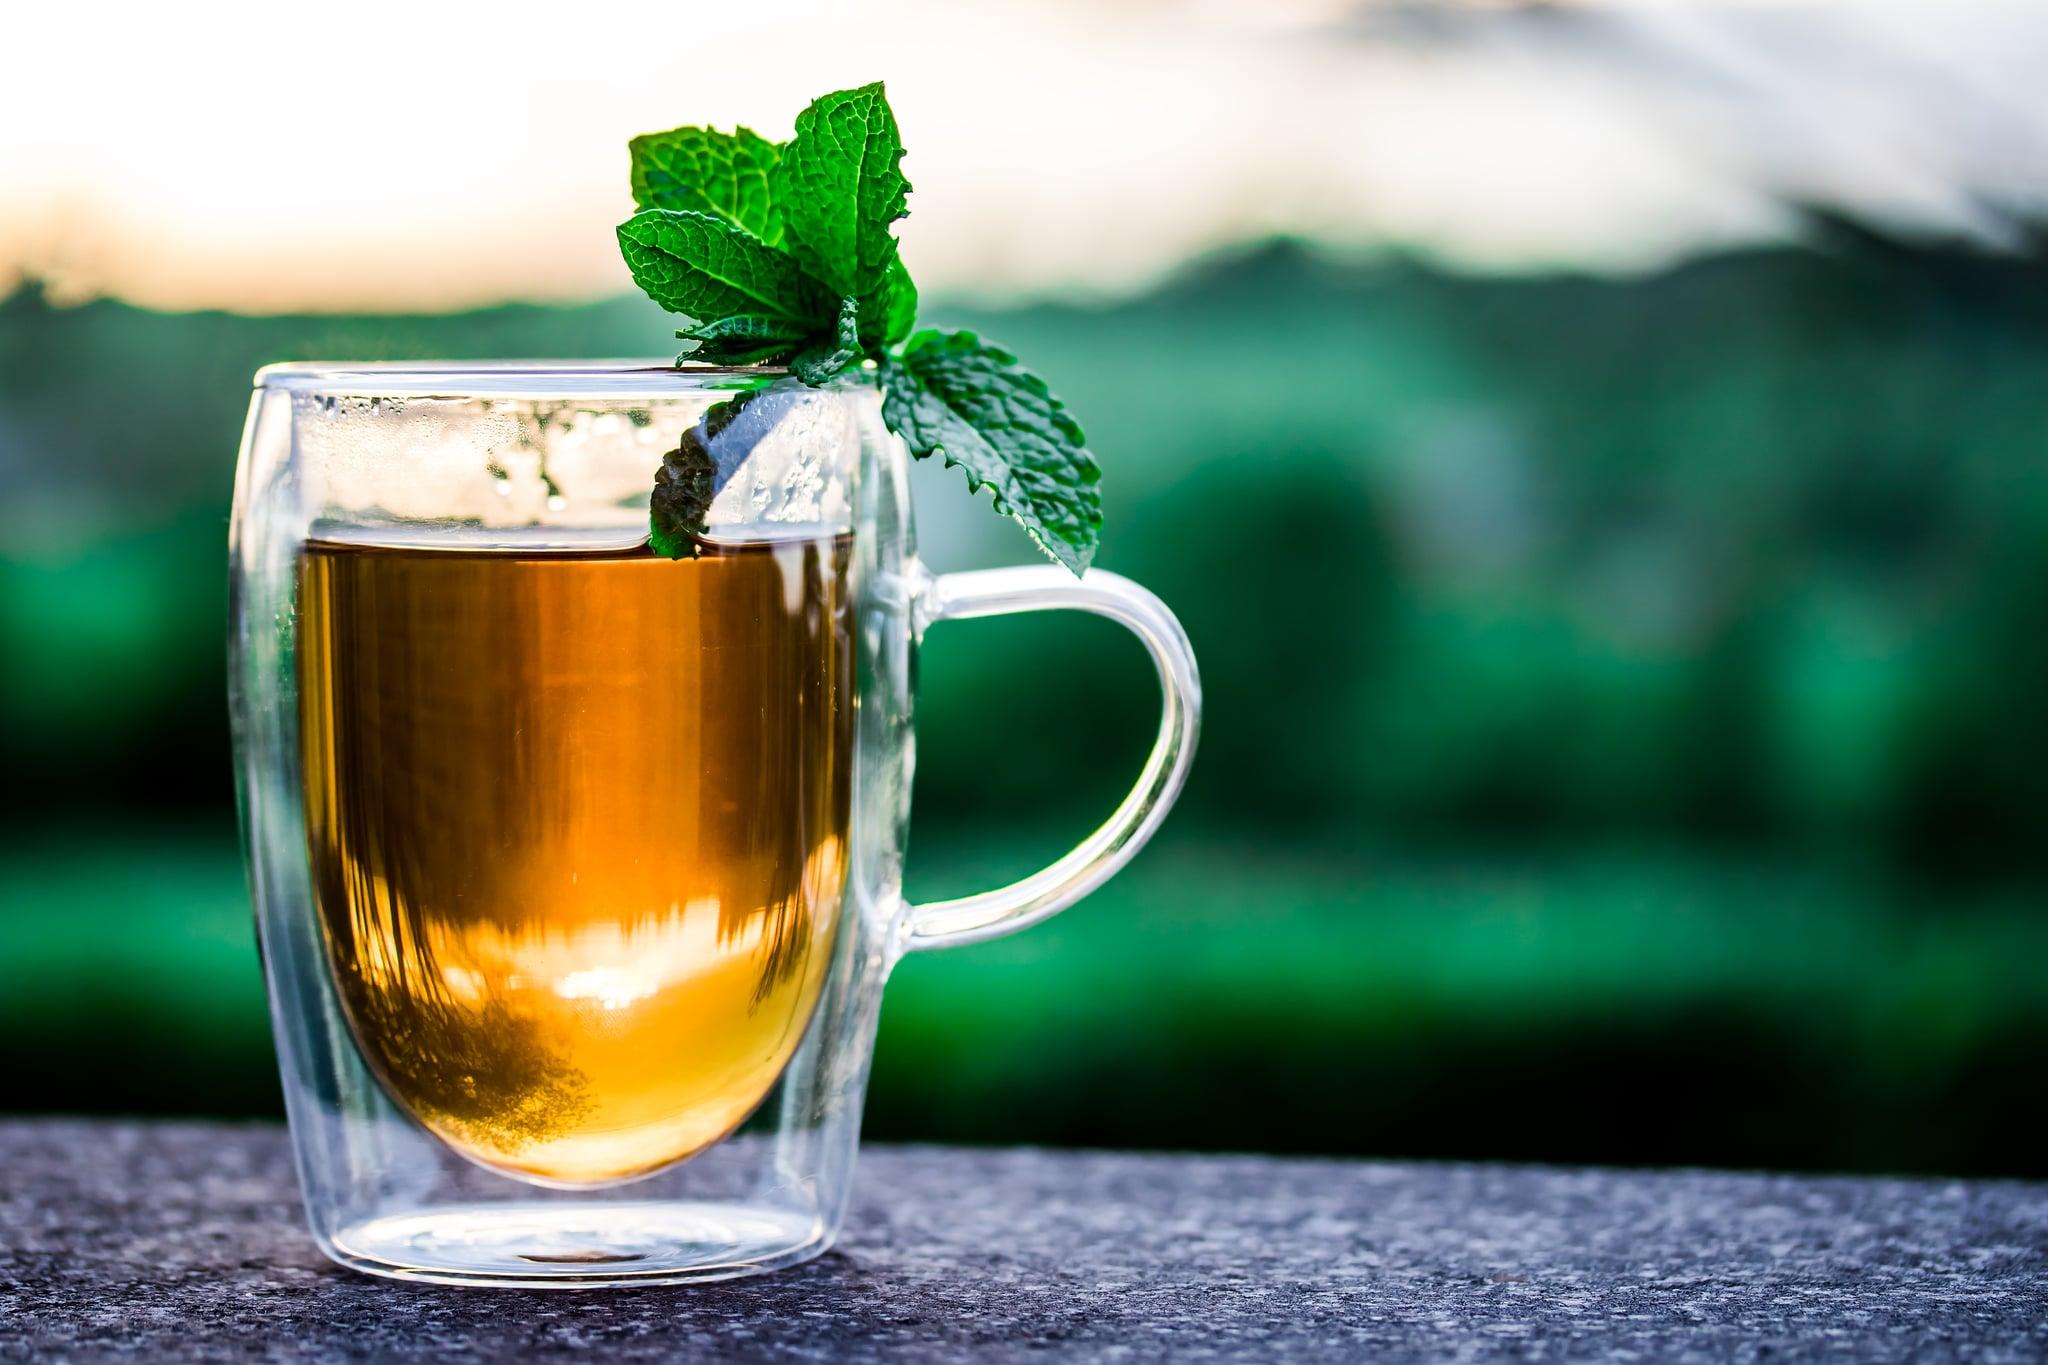 Pexels / https://pixabay.com/en/teacup-cup-of-tea-tee-drink-hot-2325722/